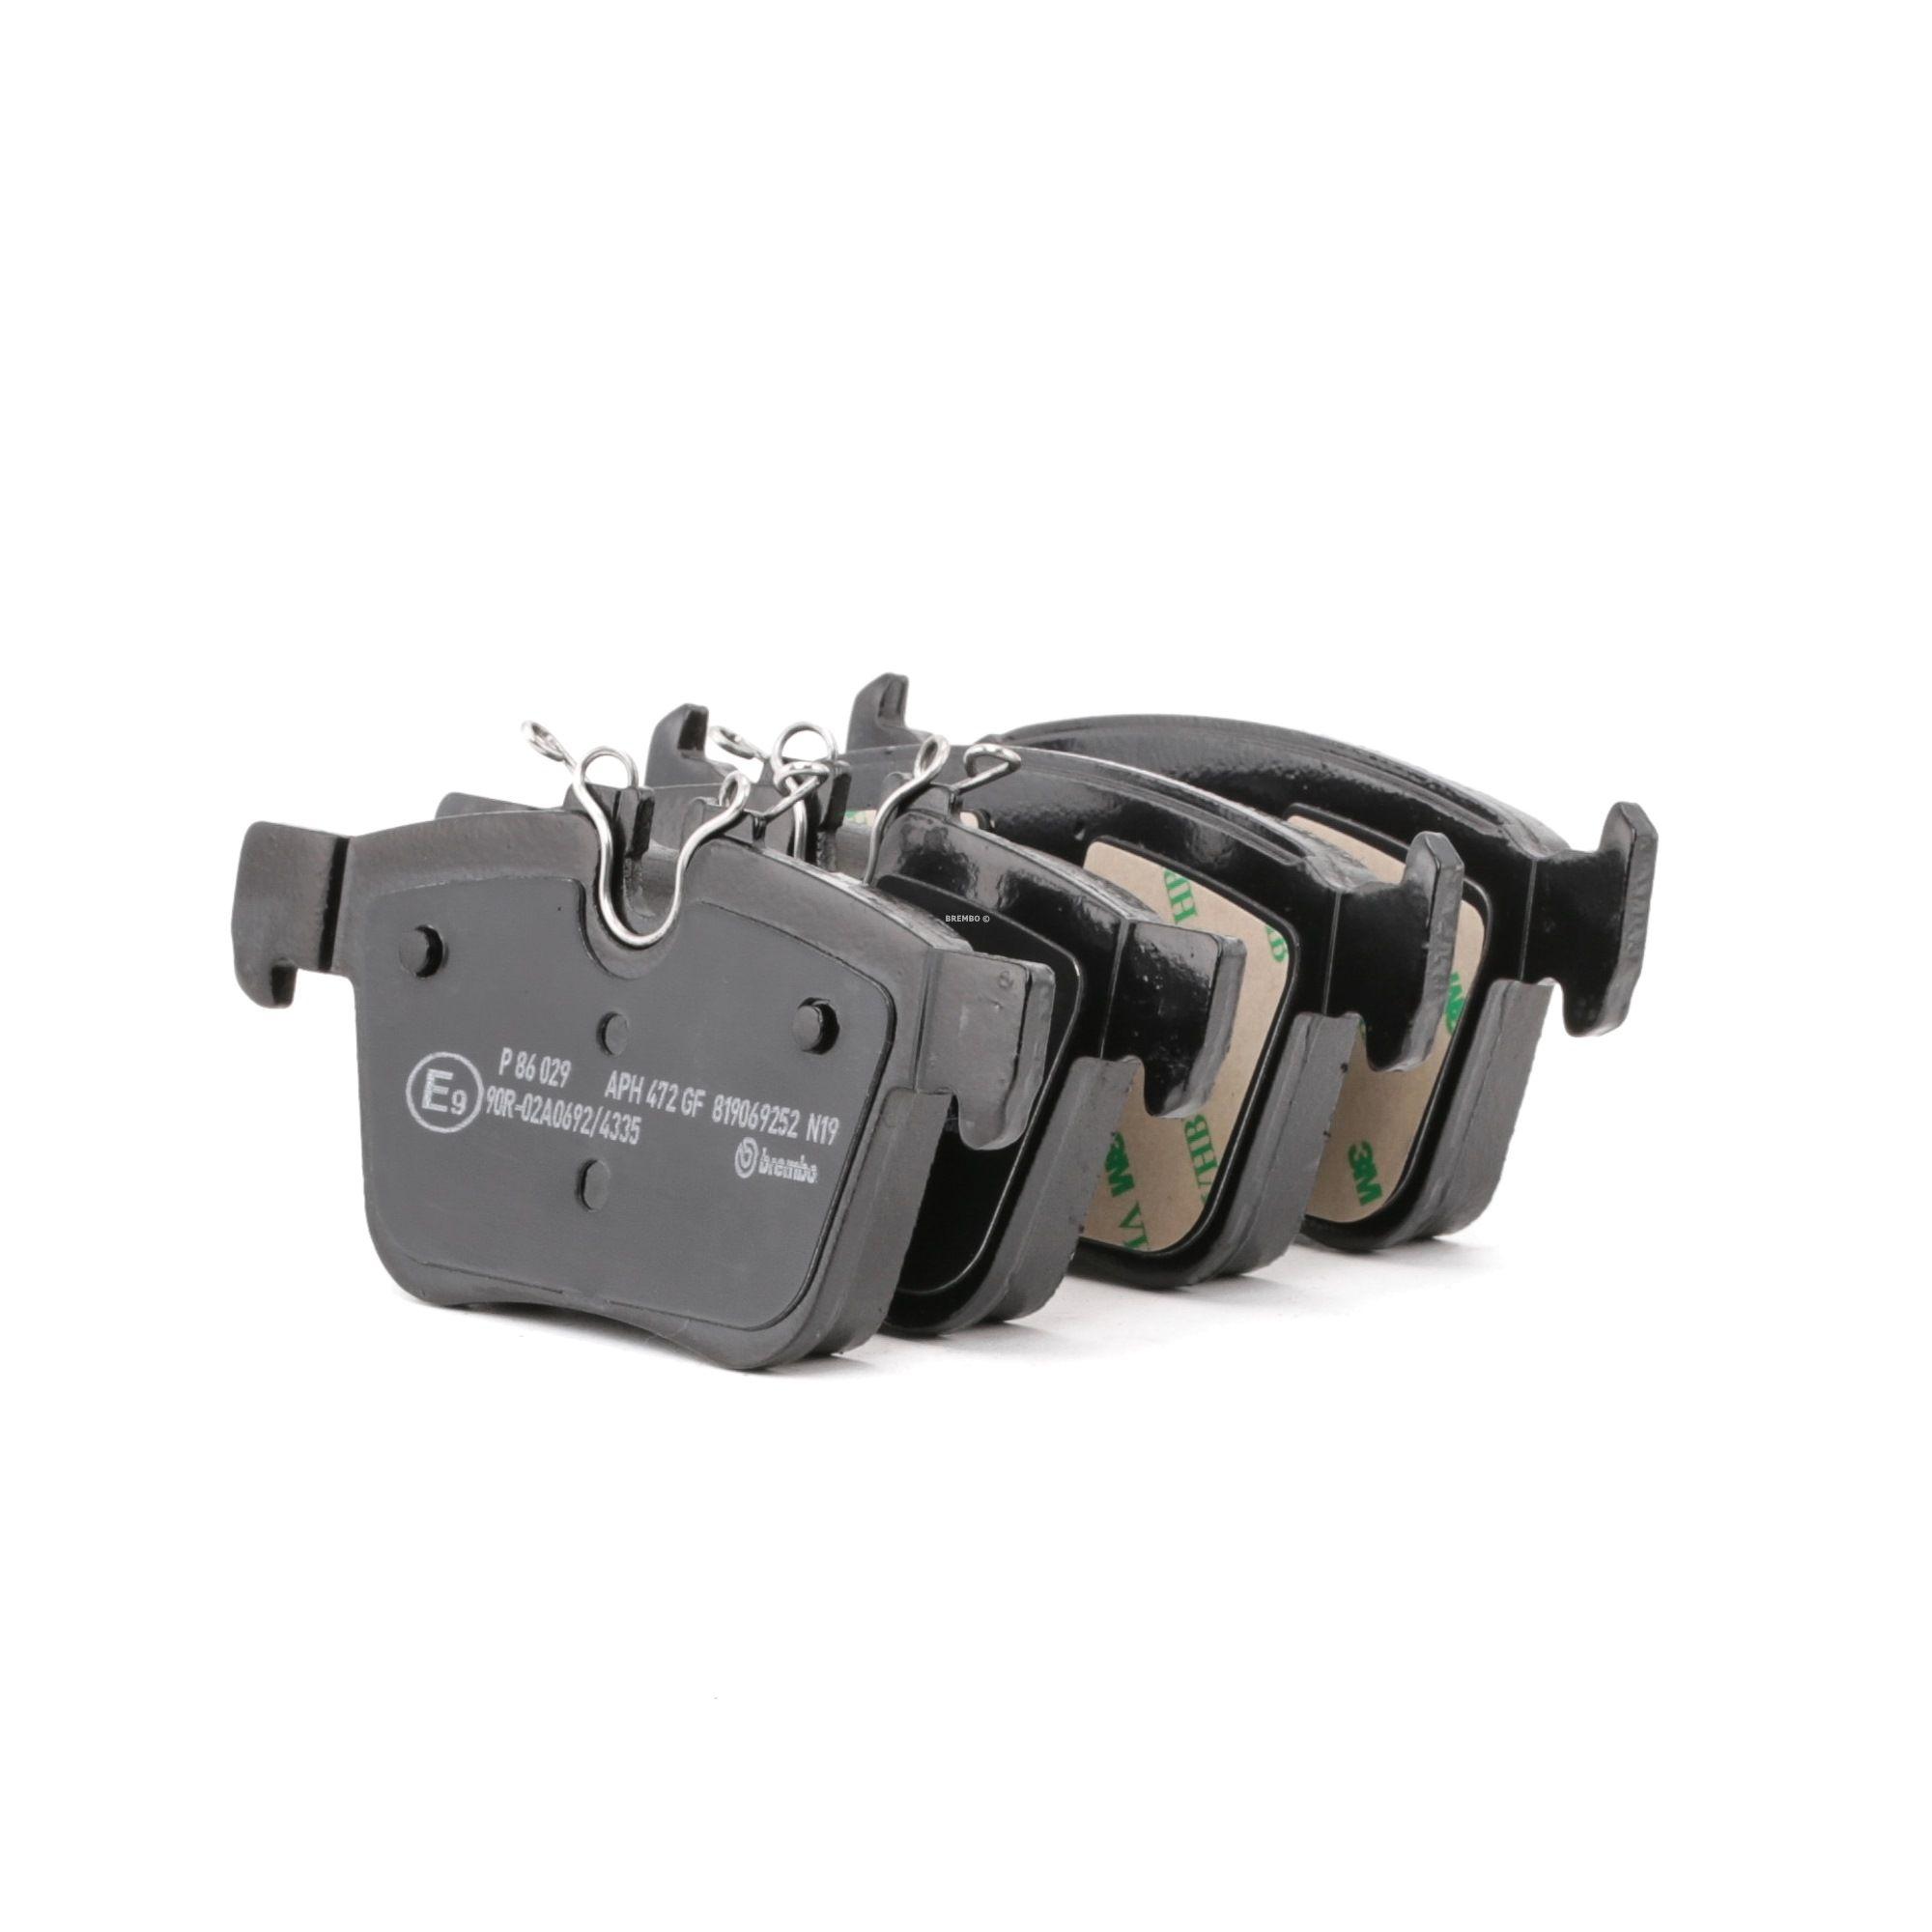 Buy original Racing brake pads BREMBO P 86 029